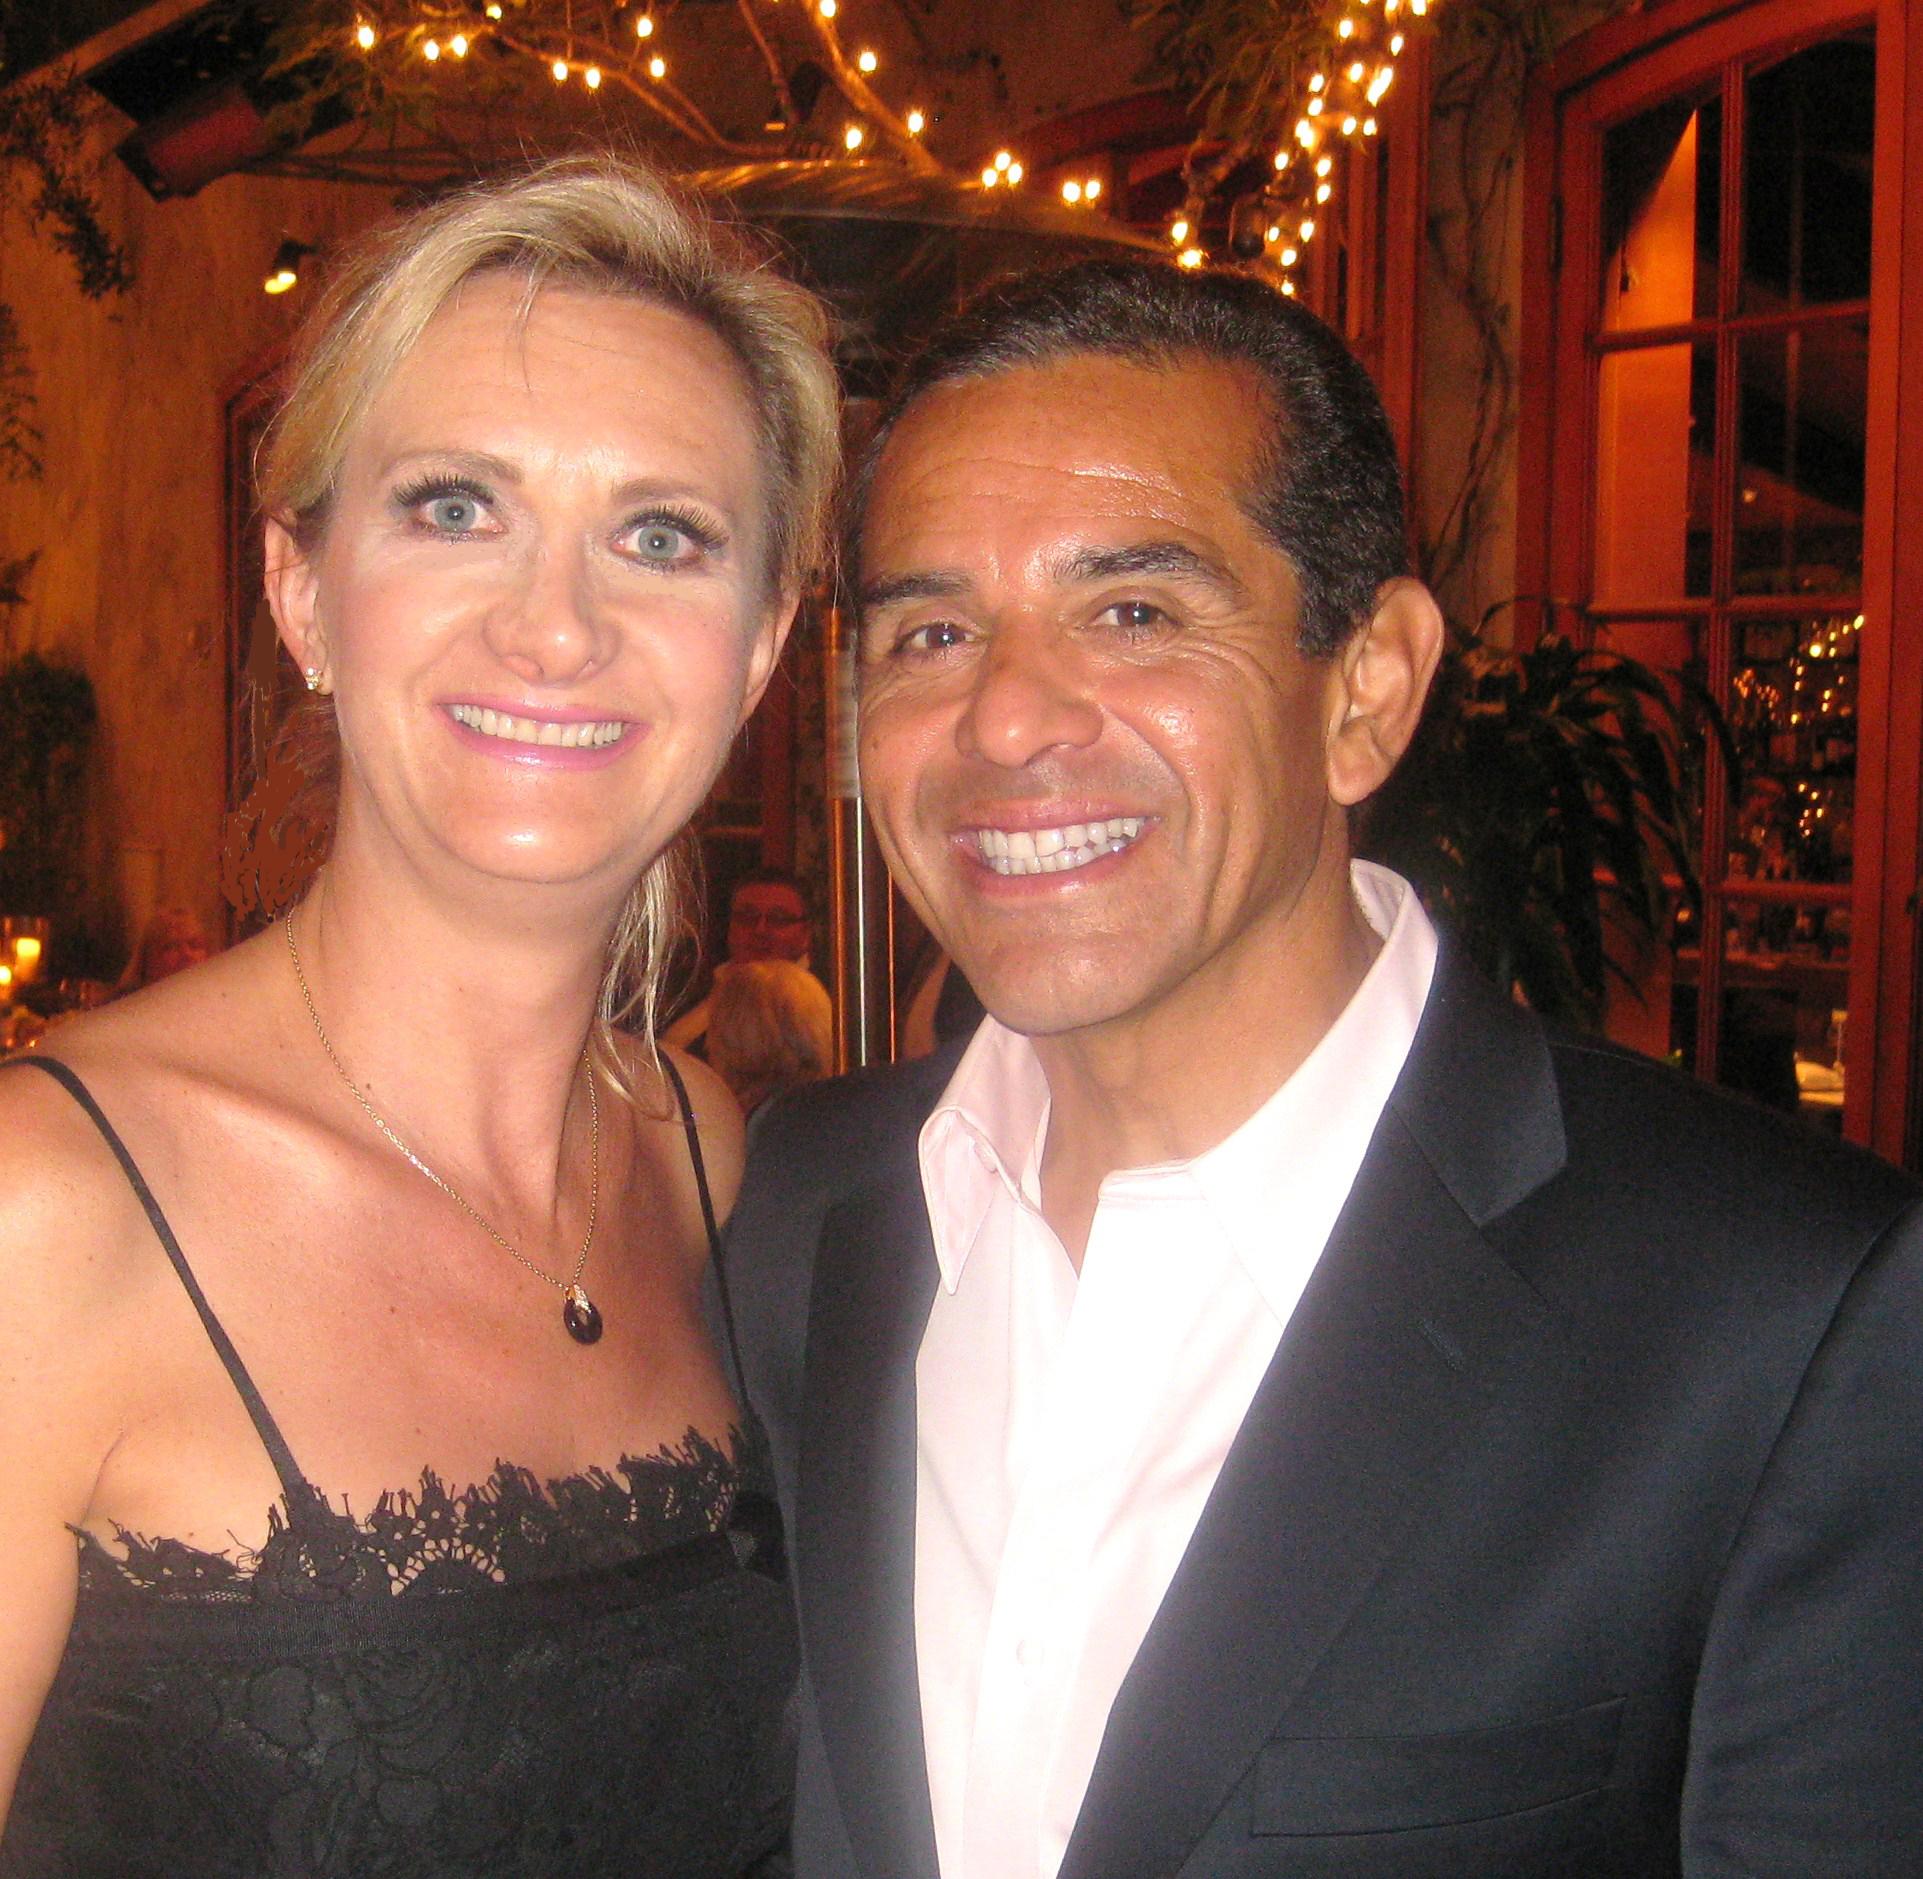 Los Angeles Mayor Antonio Villaraigosa with Sophie Gayot